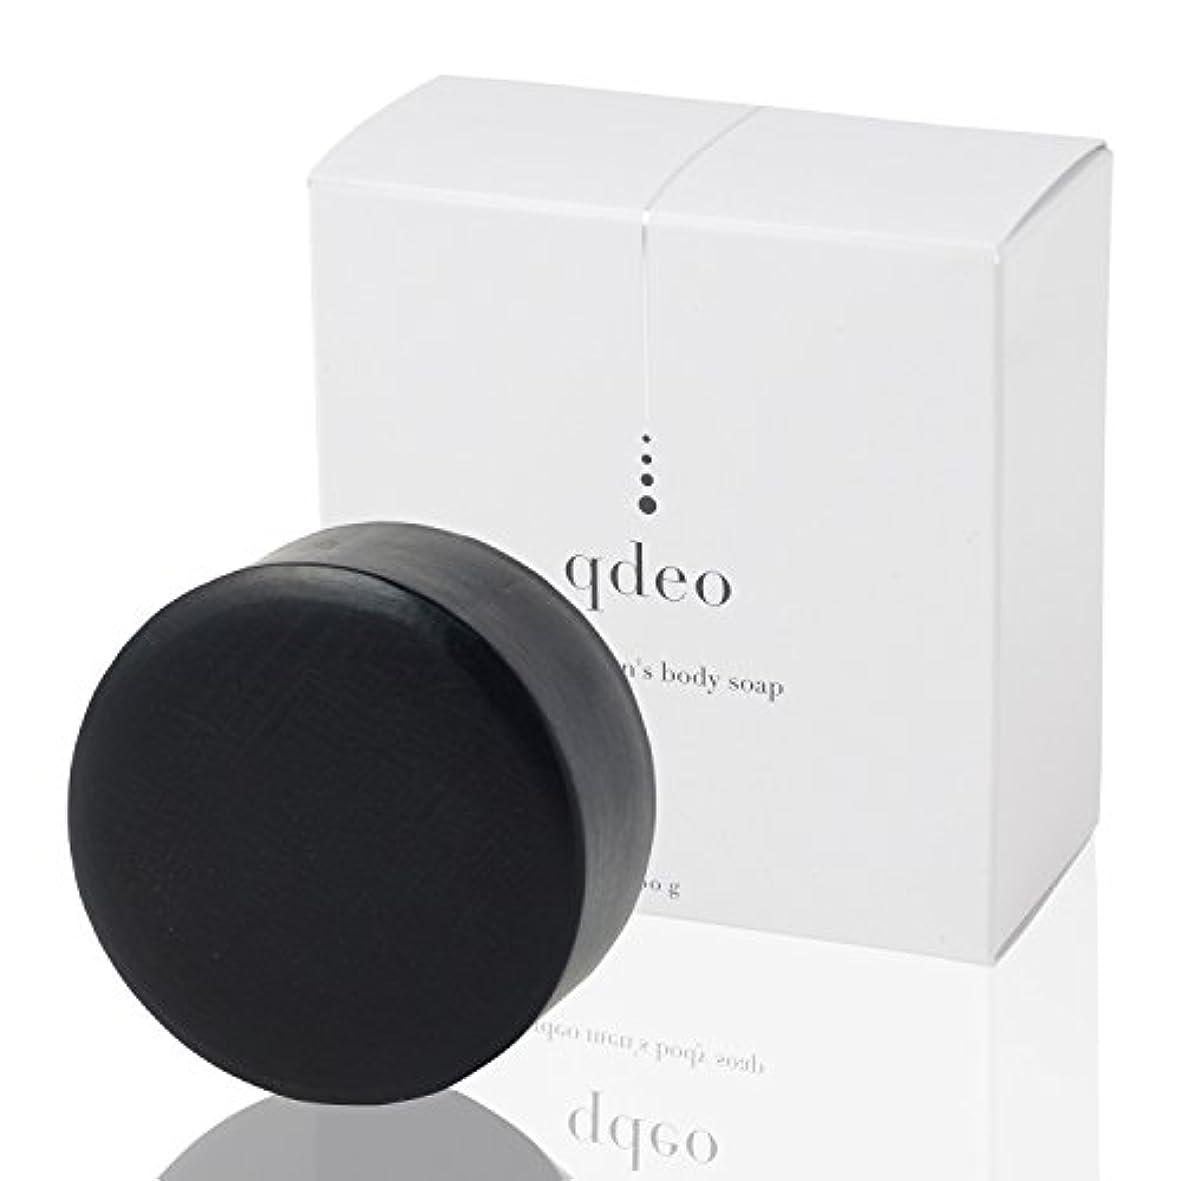 唯一プライバシー冗長クデオ メンズ ボディソープ 100g 石鹸 固形 体臭 ワキガ 足の臭い 加齢臭 デリケートゾーン